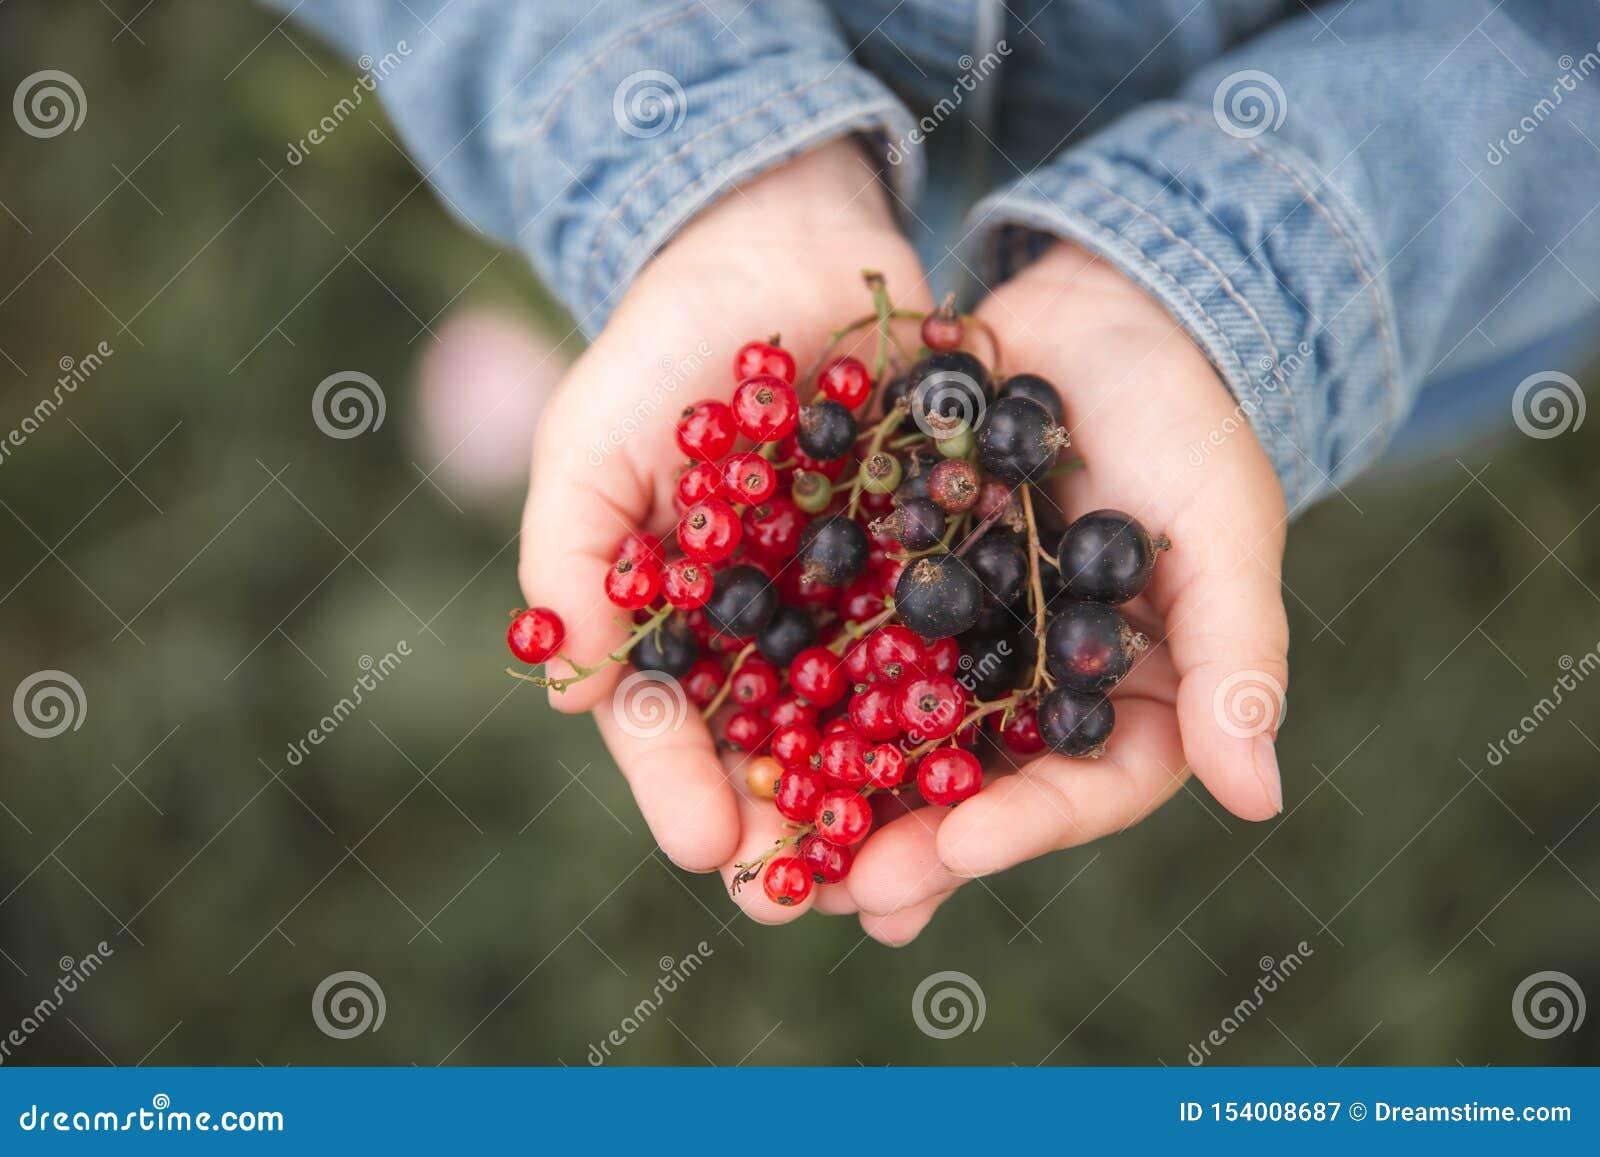 Ягоды и черные смородины в руках детей